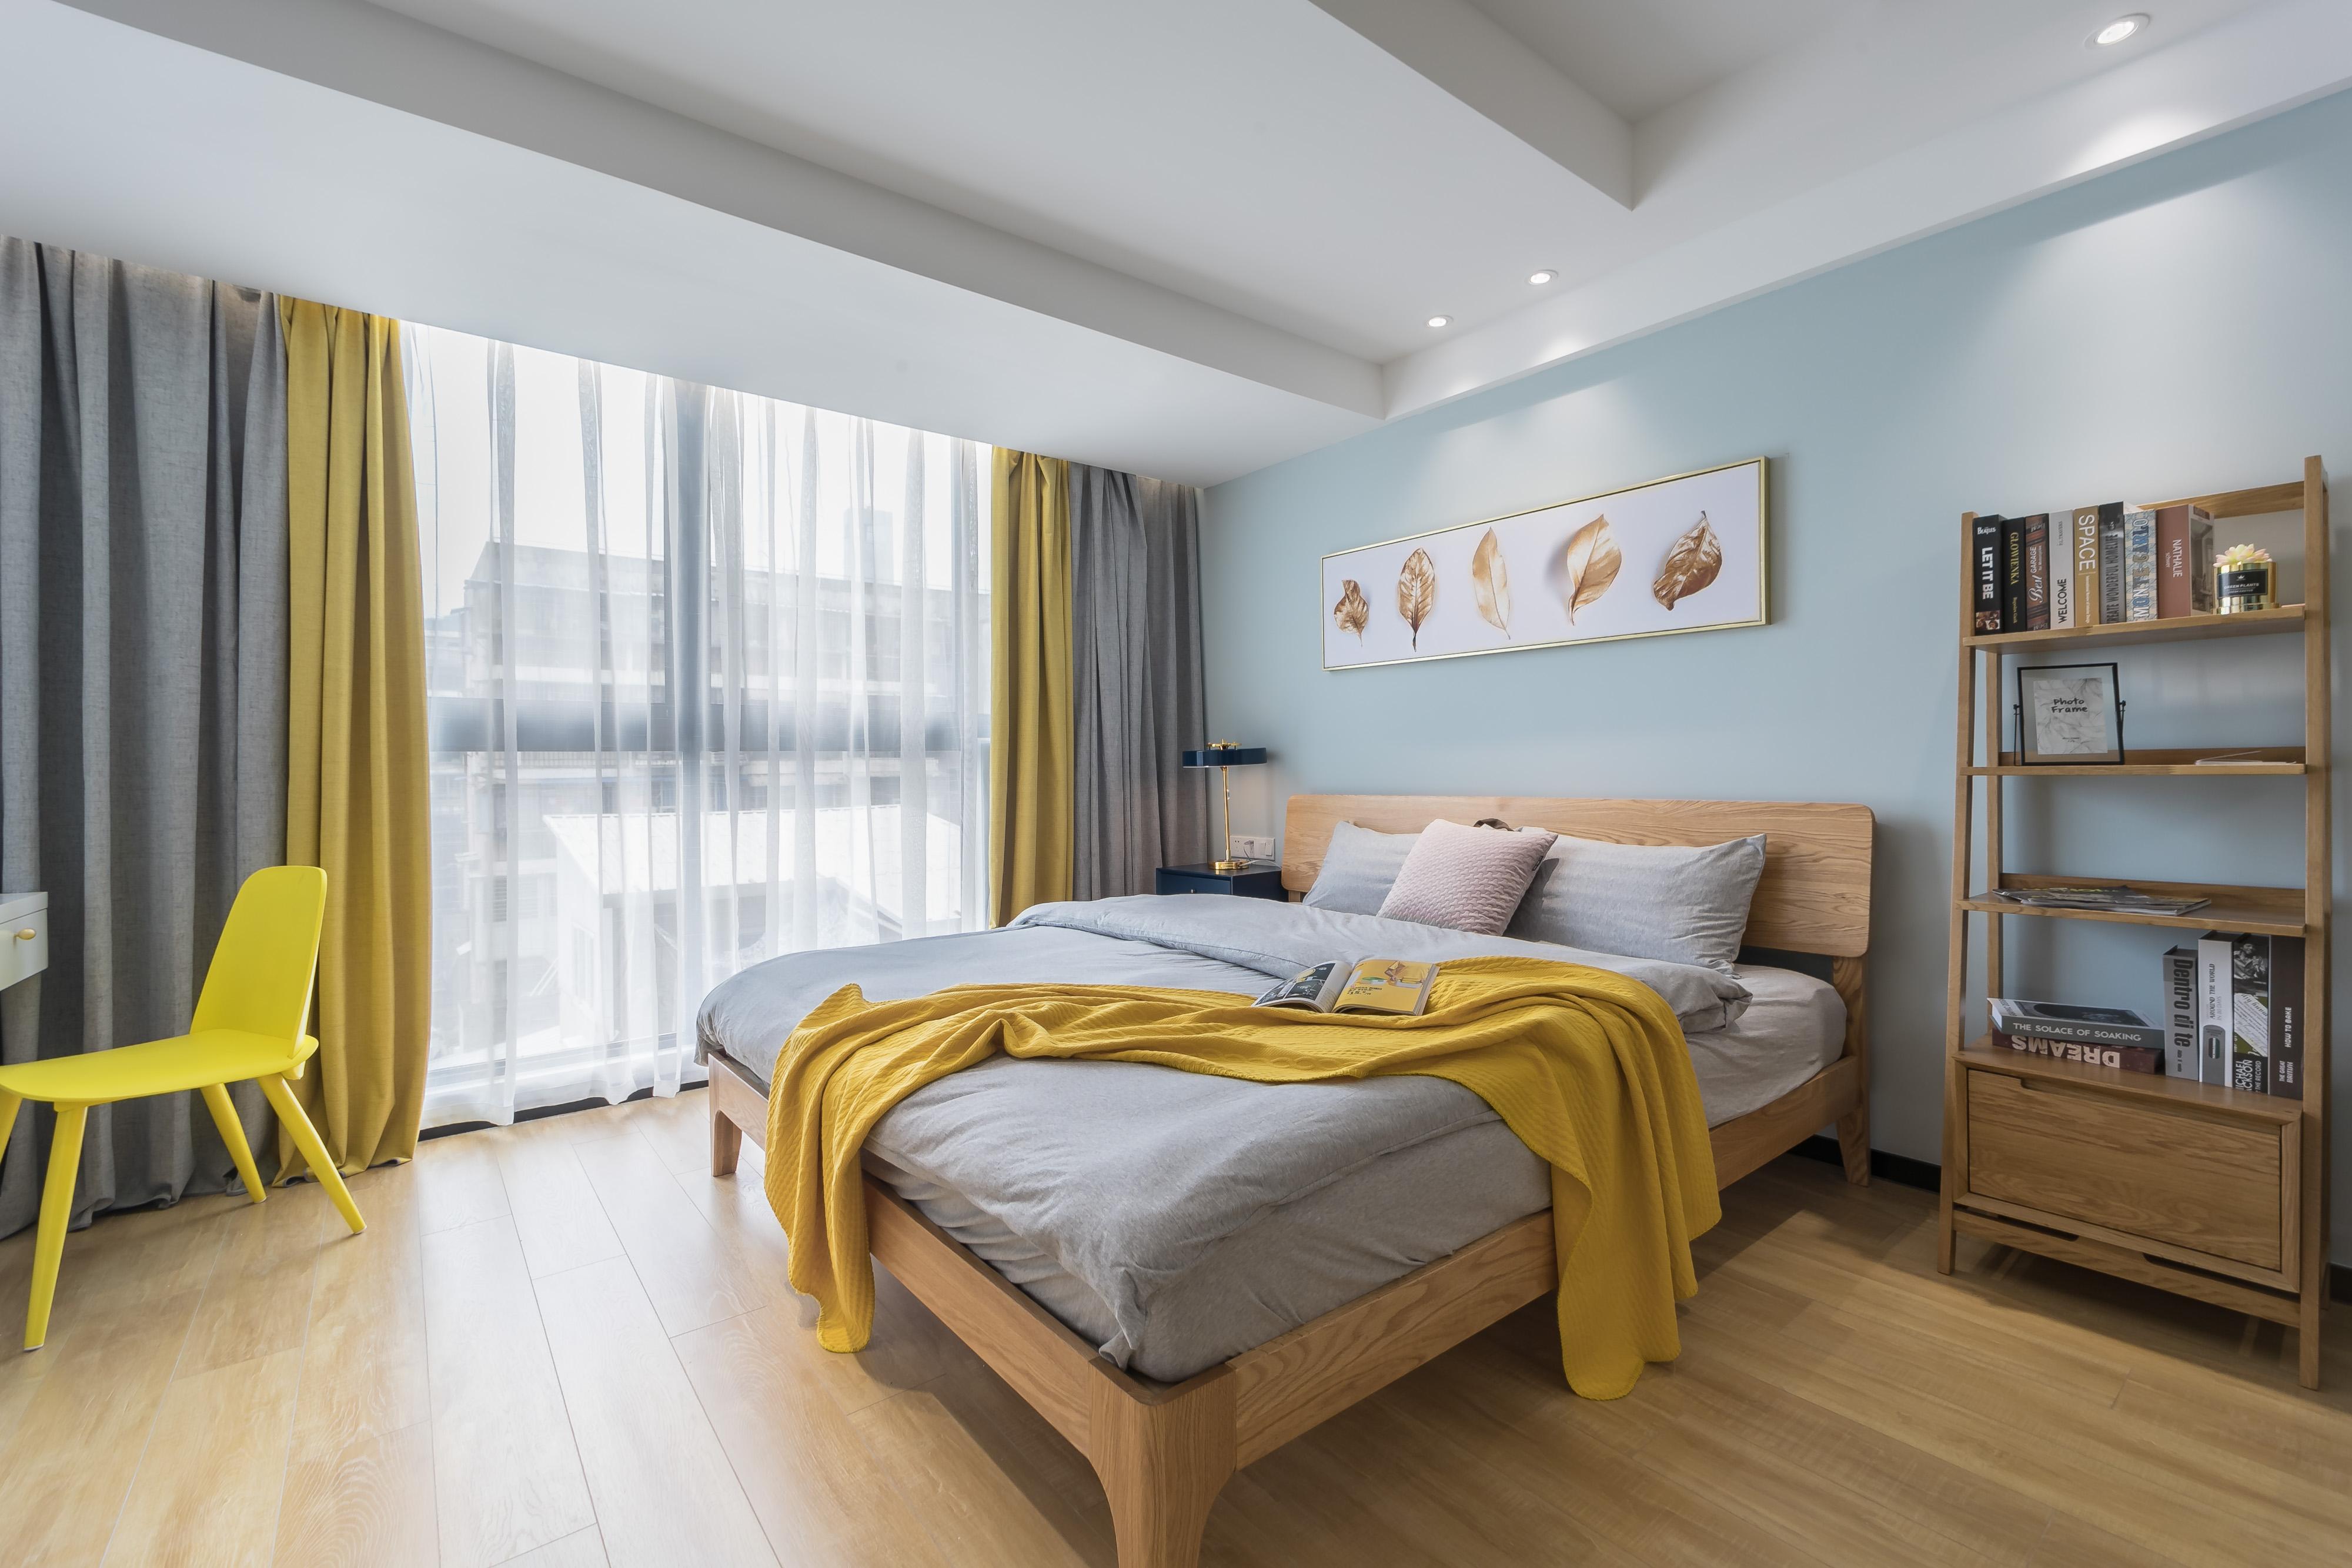 《糖果罐》小户型北欧主卧室设计卧室窗帘北欧极简卧室设计图片赏析